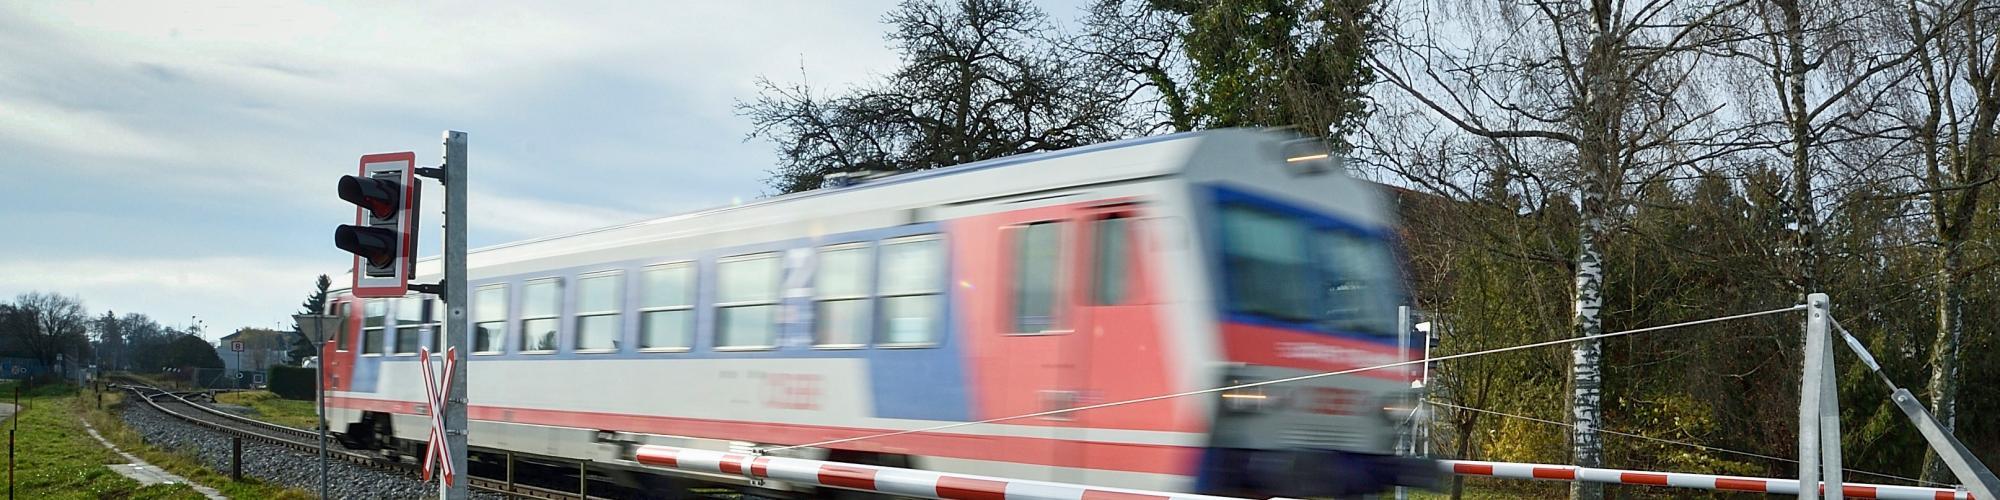 Schieneninfrastruktur-Dienstleistungsgesellschaft mbH (SCHIG mbH)